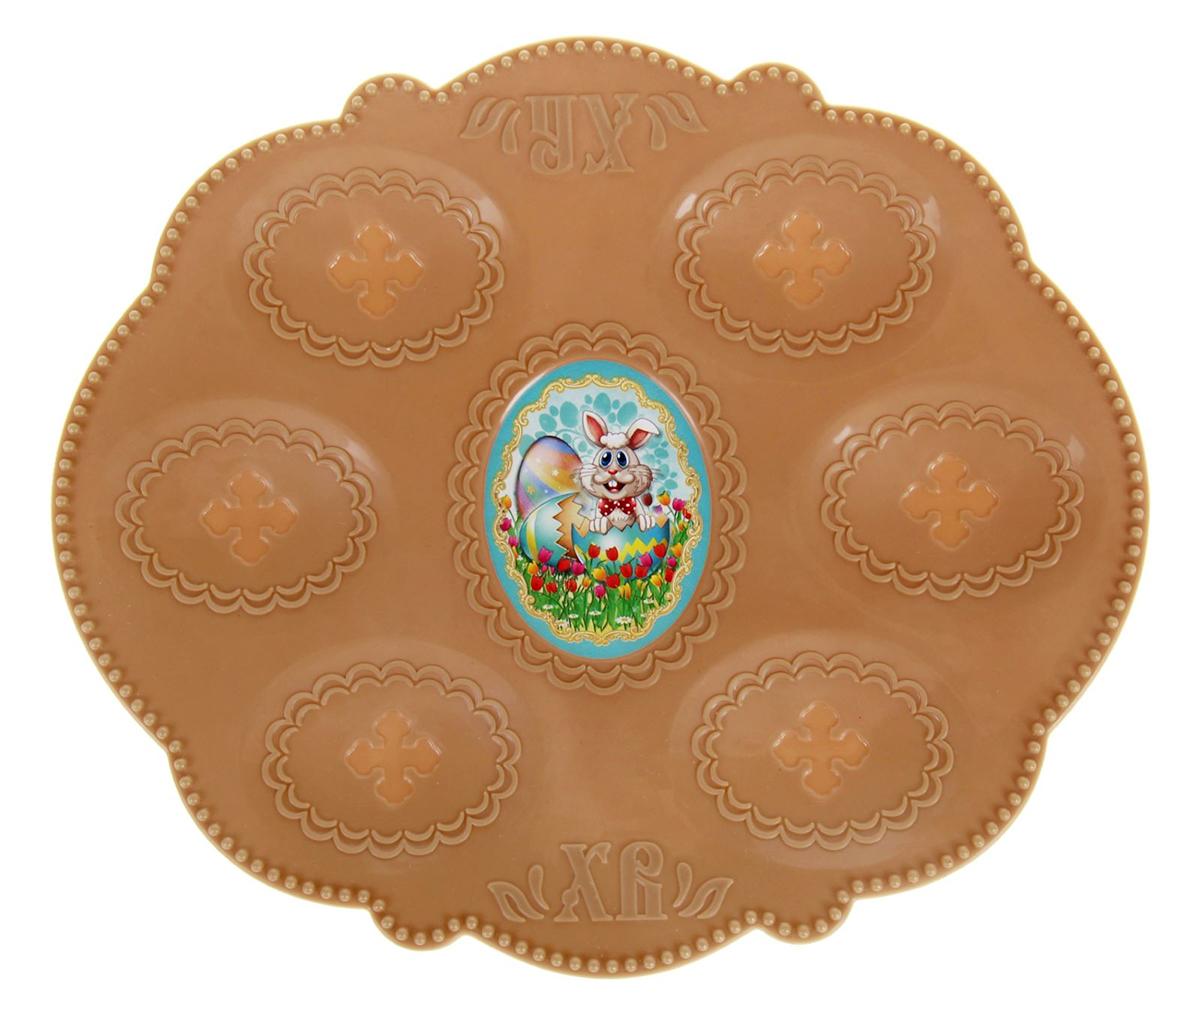 Подставка пасхальная Кролик, для 6 яиц, 21 х 18 см. 10025951002595Пасхальная подставка для 6 яиц изготовлена из качественного пластика, в центре имеется яркая вставка.Аксессуар станет достойным украшением праздничного стола, создаст радостное настроение и наполнит пространство вашего дома благостной энергией на весь год вперёд. Подставка будет ценным памятным подарком для родных, друзей и коллег. Радости, добра и света вам и вашим близким!